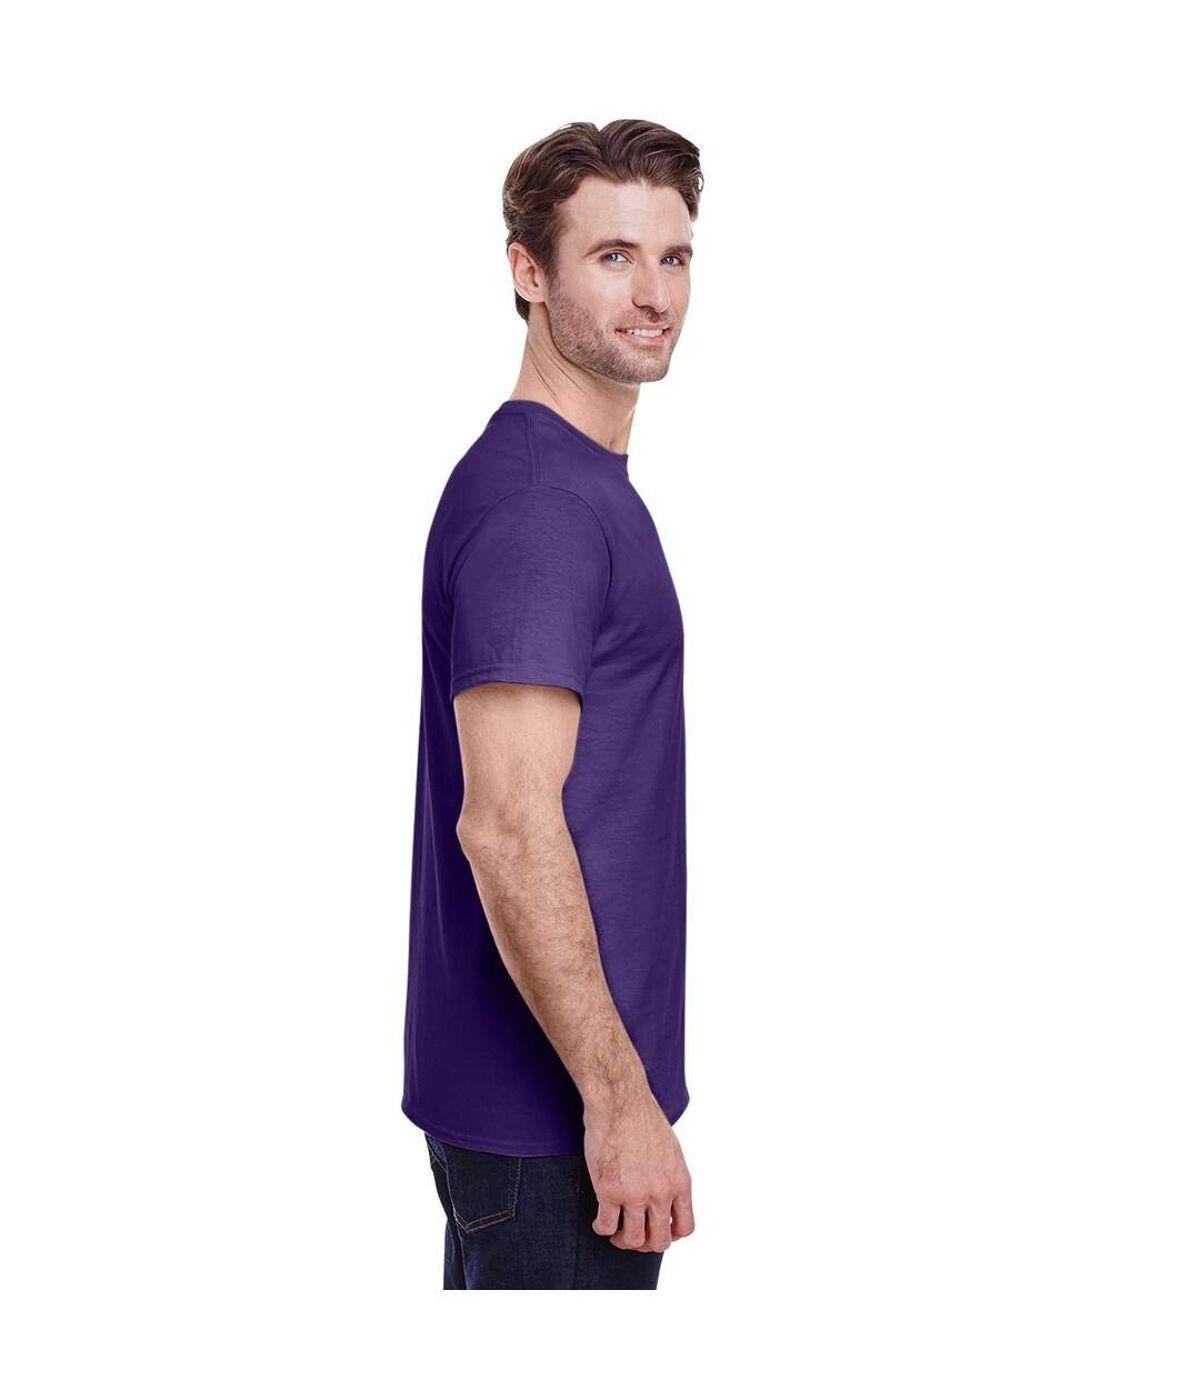 Gildan - T-shirt à manches courtes - Homme (Kiwi) - UTBC481